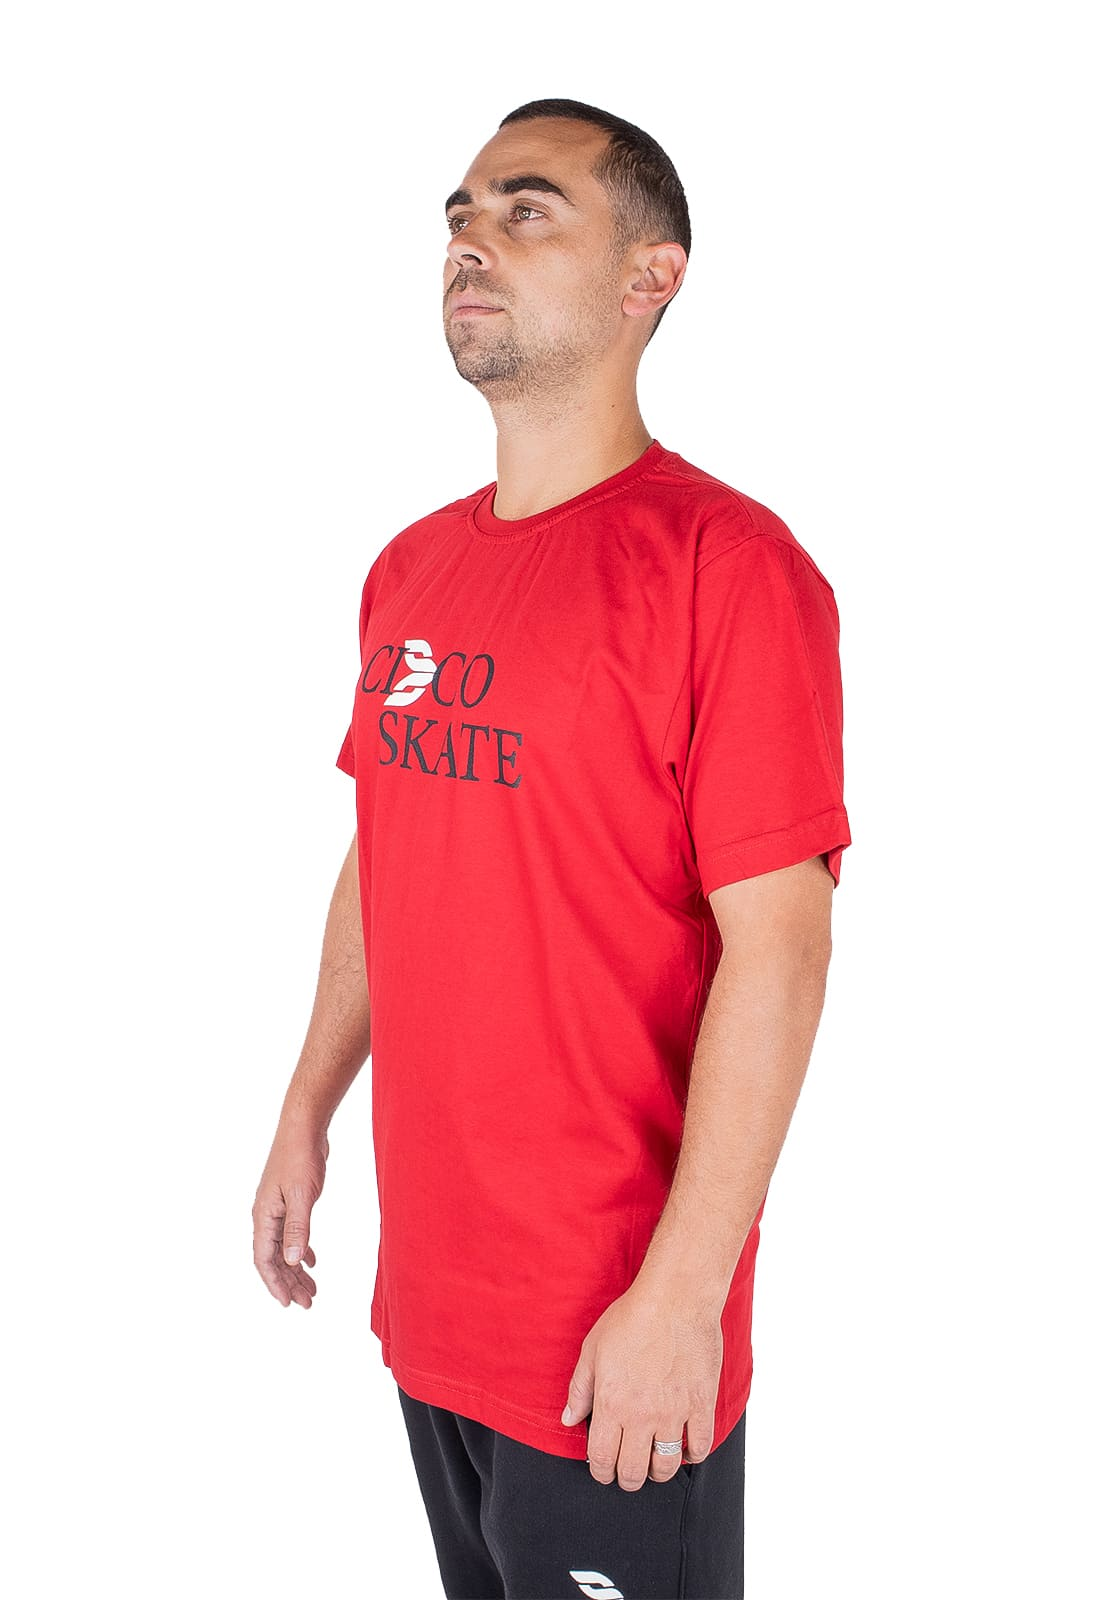 Camiseta Cisco Skate Clothing Não Temas